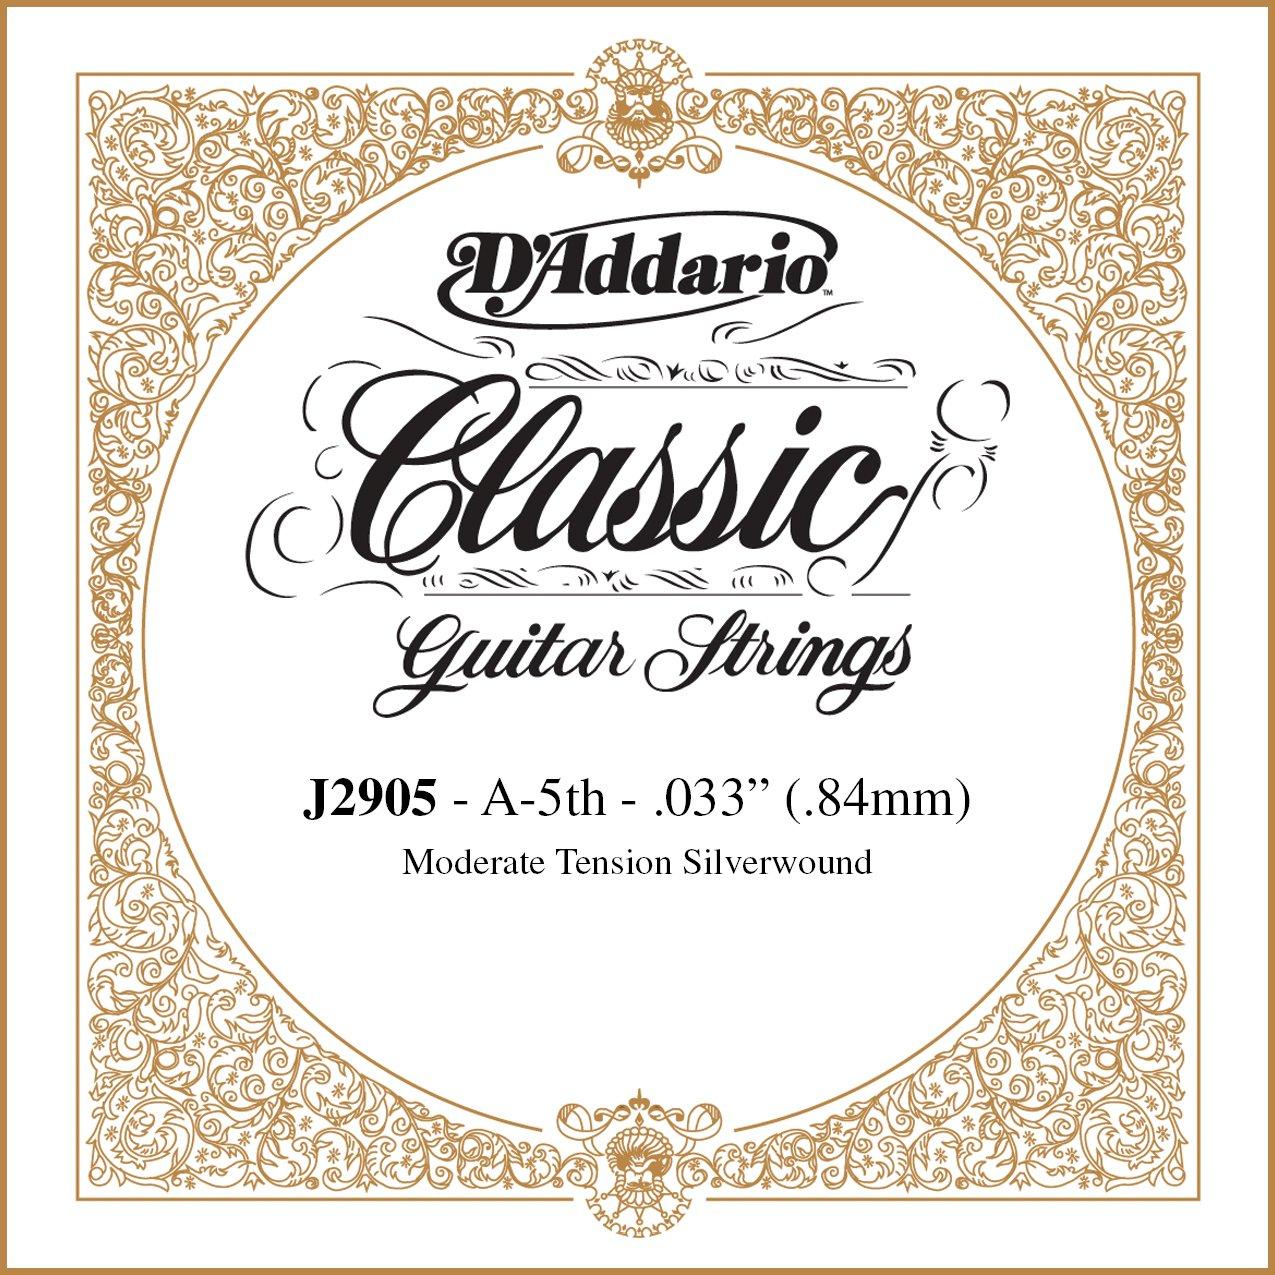 DAddario J2905 Classics, cuerda individual rectificada para guitarra clásica, tensión moderada, quinta cuerda: Amazon.es: Instrumentos musicales